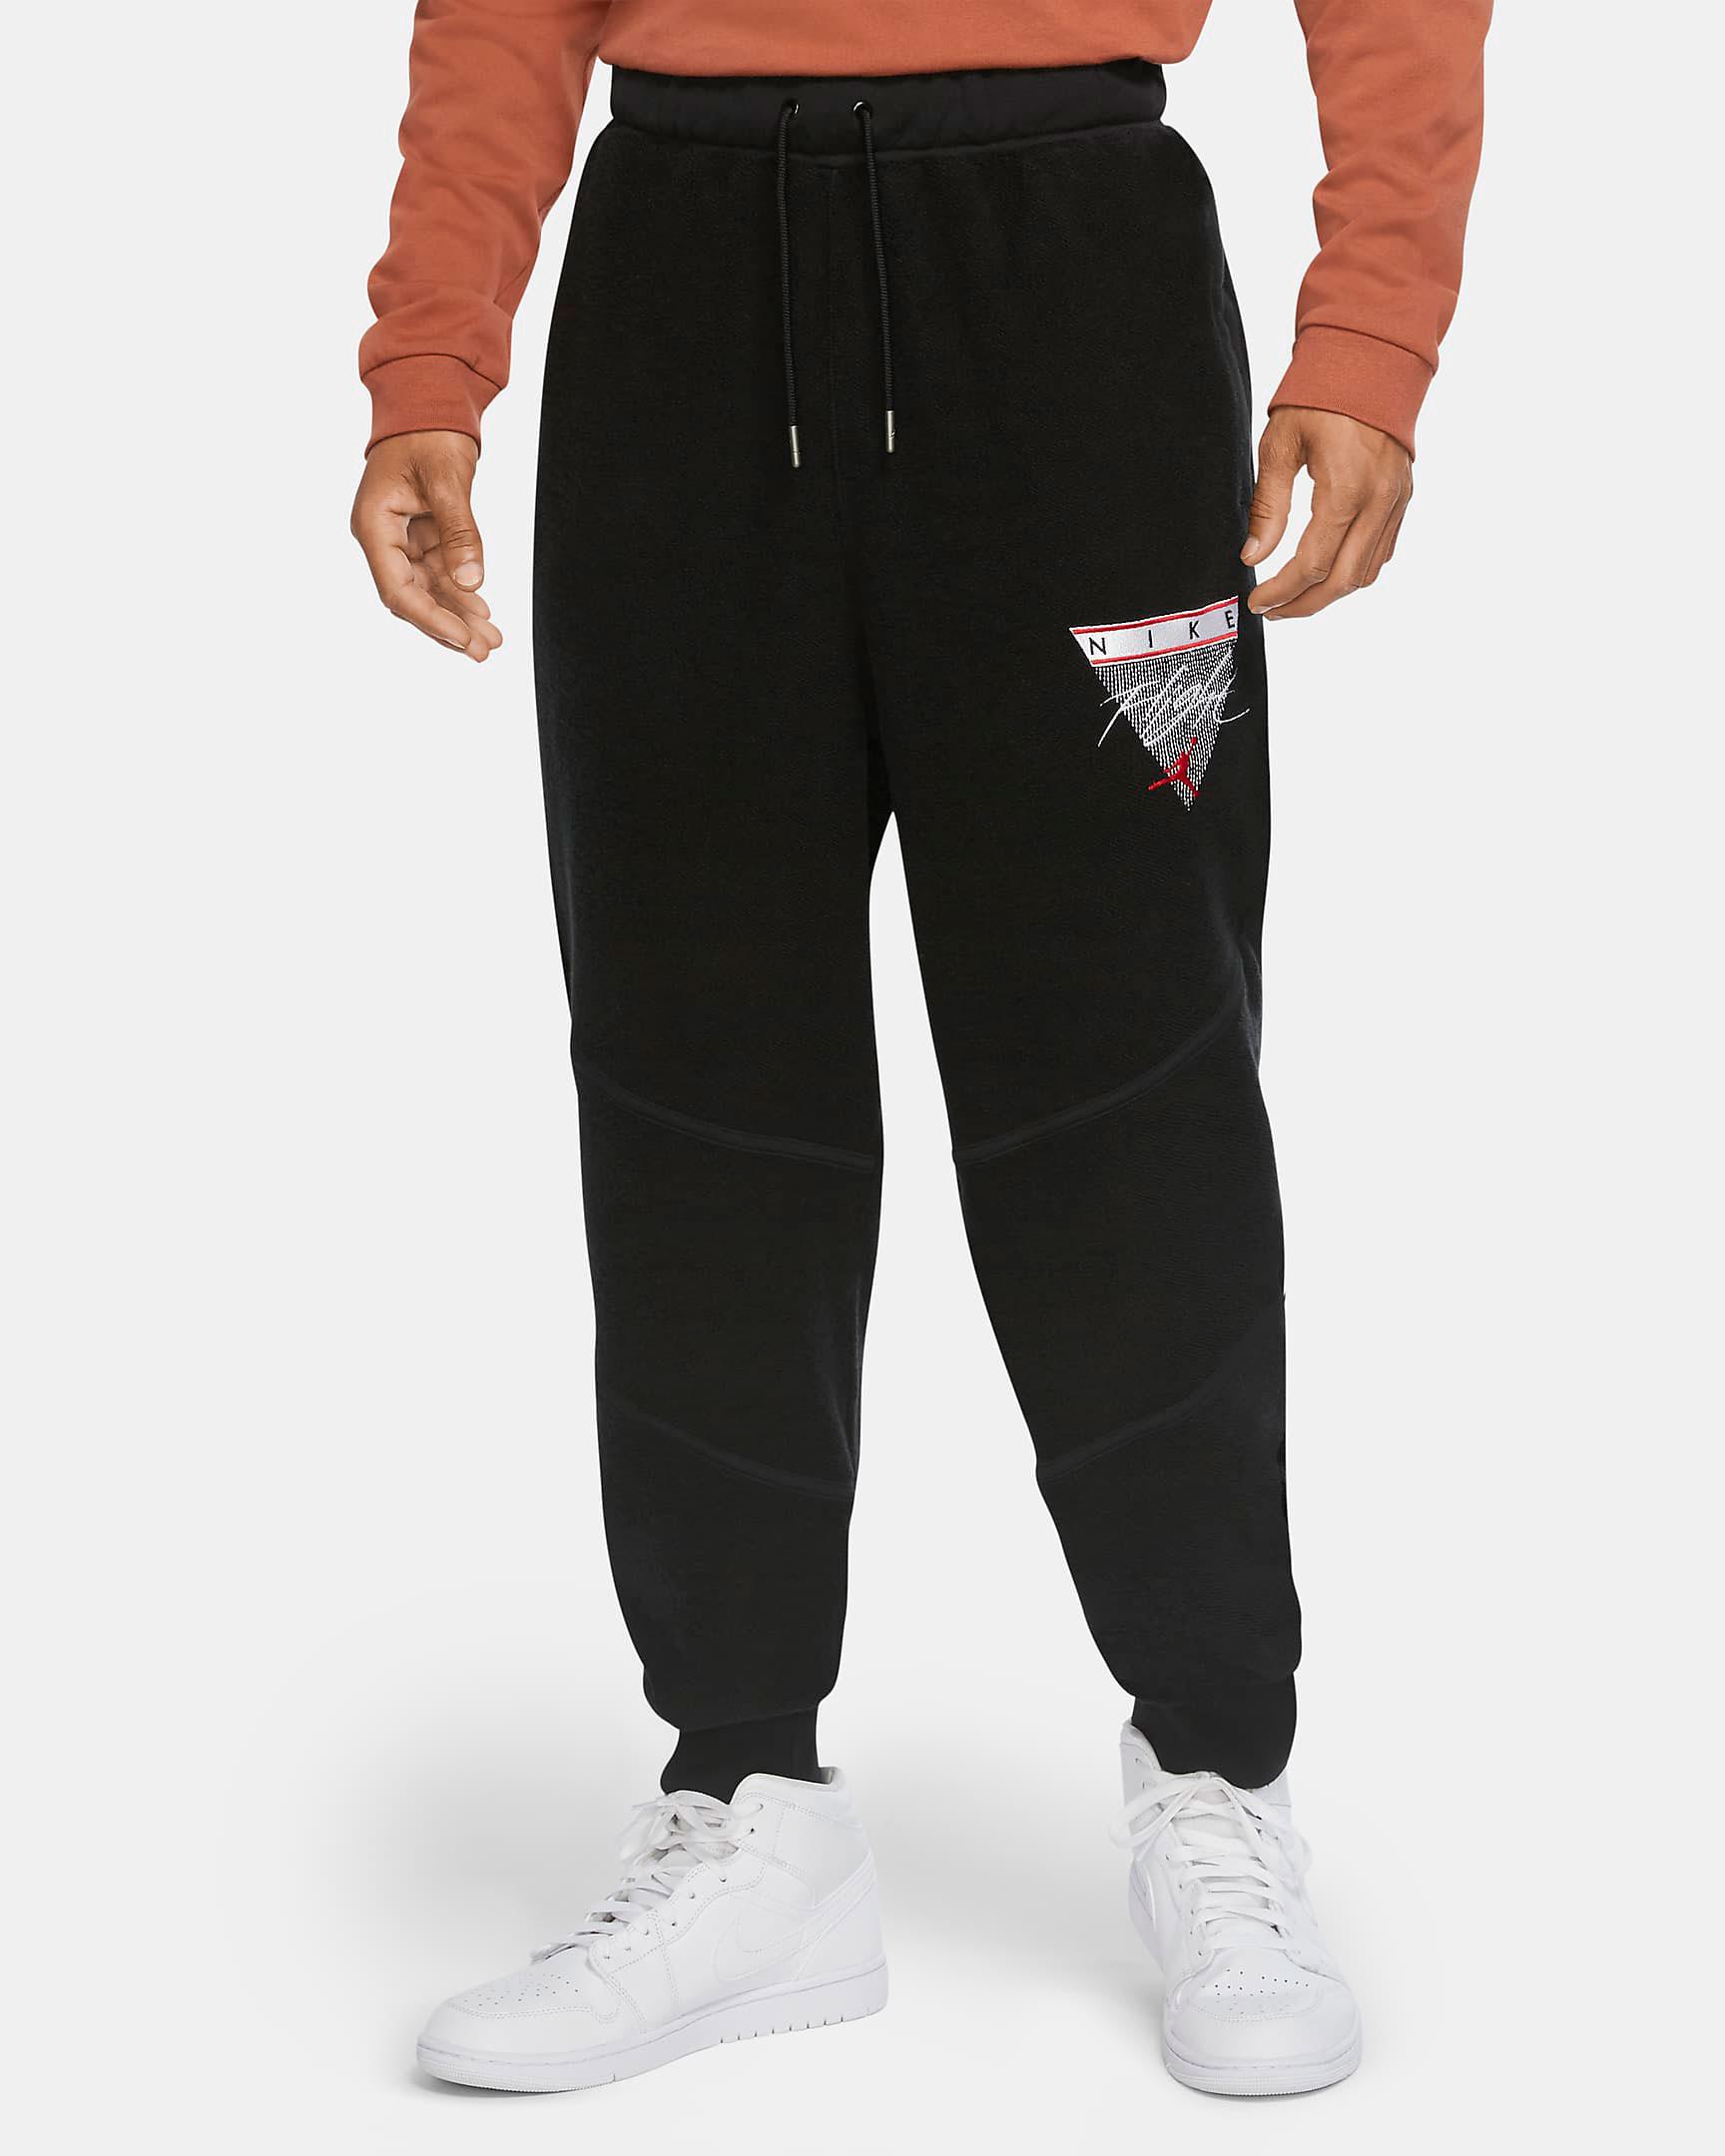 jordan-flight-pants-black-red-fall-2020-1